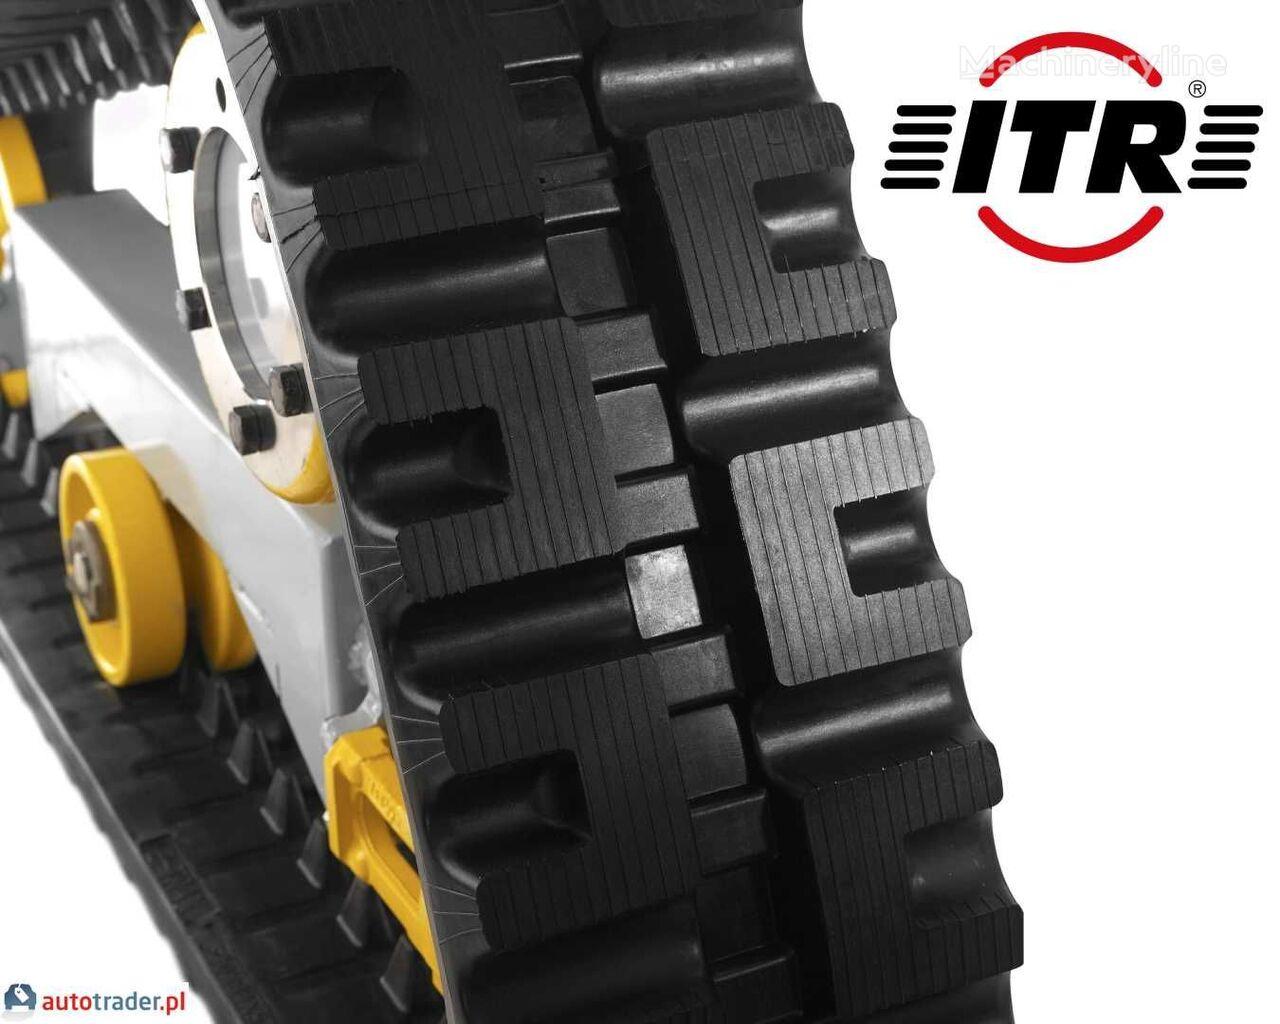 Gummiketten für ITR PEL JOB LS406 2016r ITR Minibagger